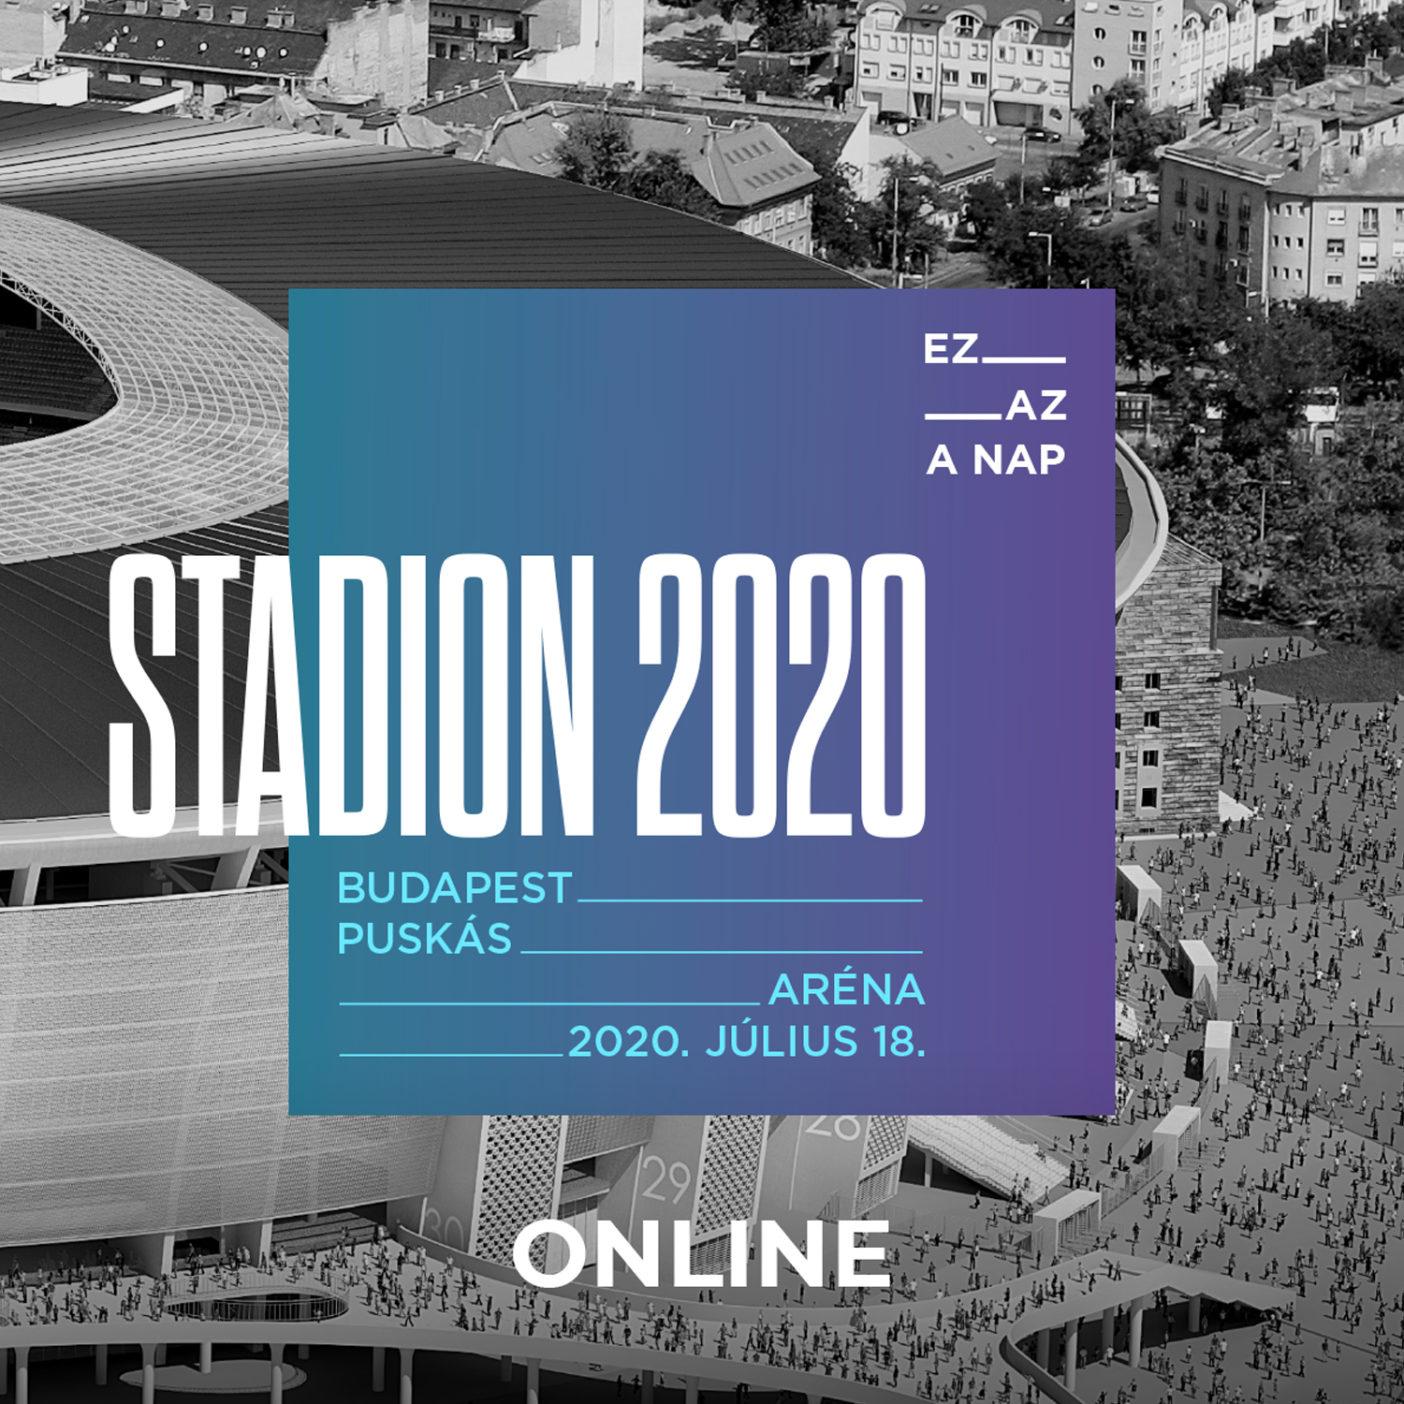 Ez az a nap! Stadion 2020 albumborító